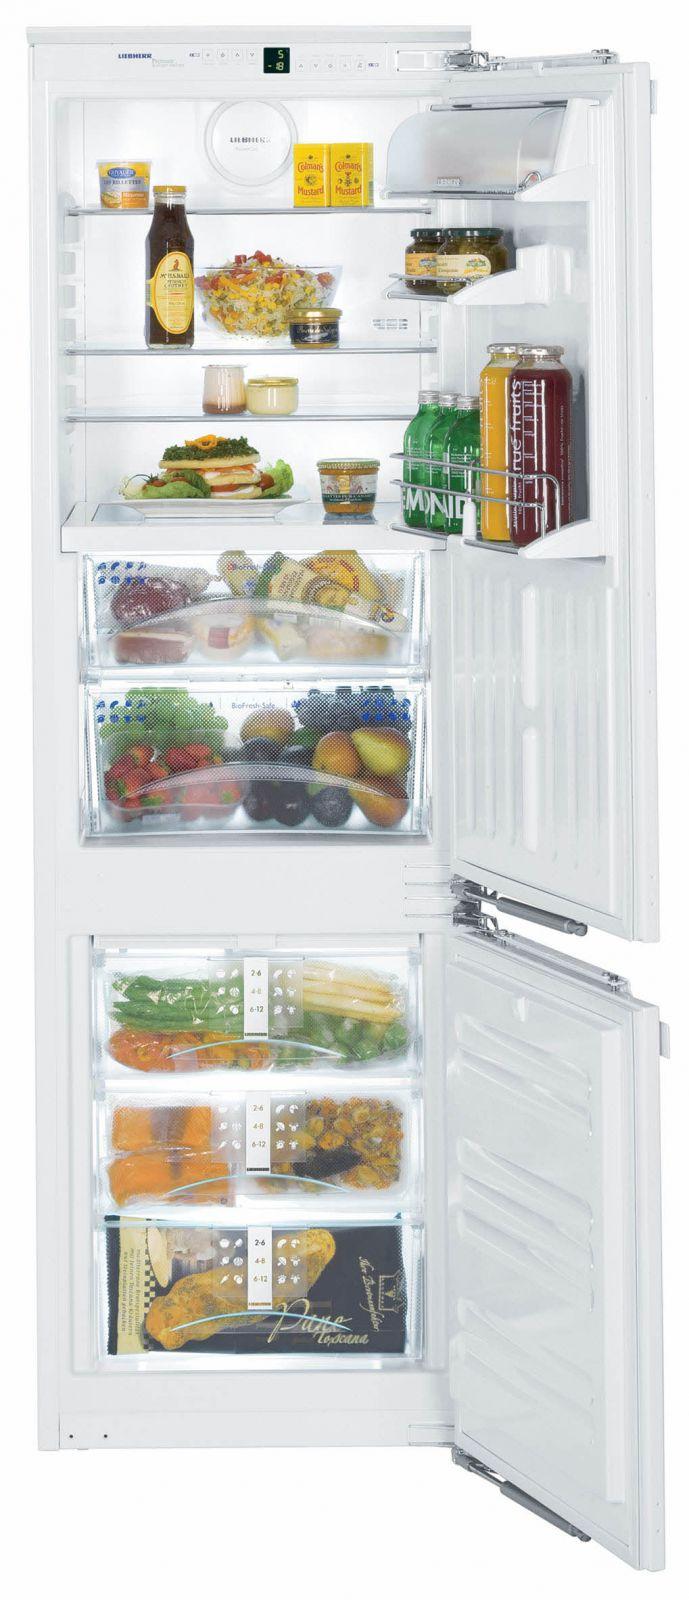 купить Встраиваемый комбинированный двухкамерный холодильник Liebherr ICBN 3056 Украина фото 0